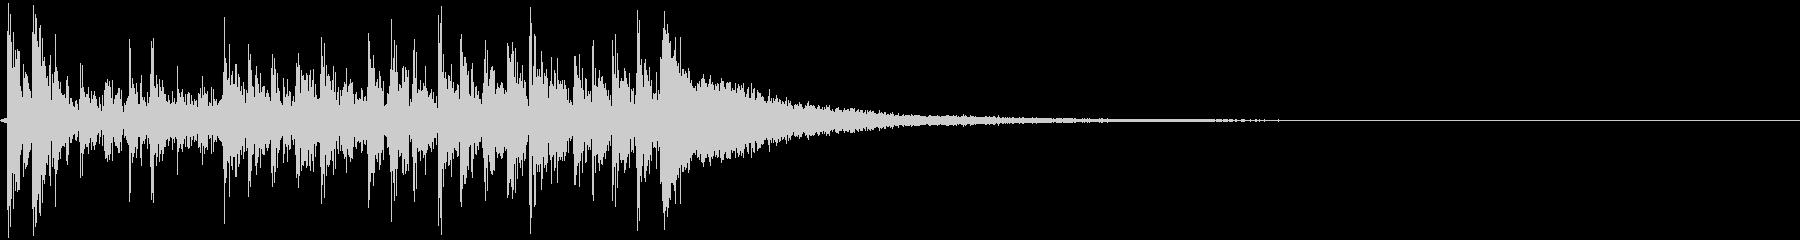 低音:シンバルの速いロールアクセン...の未再生の波形